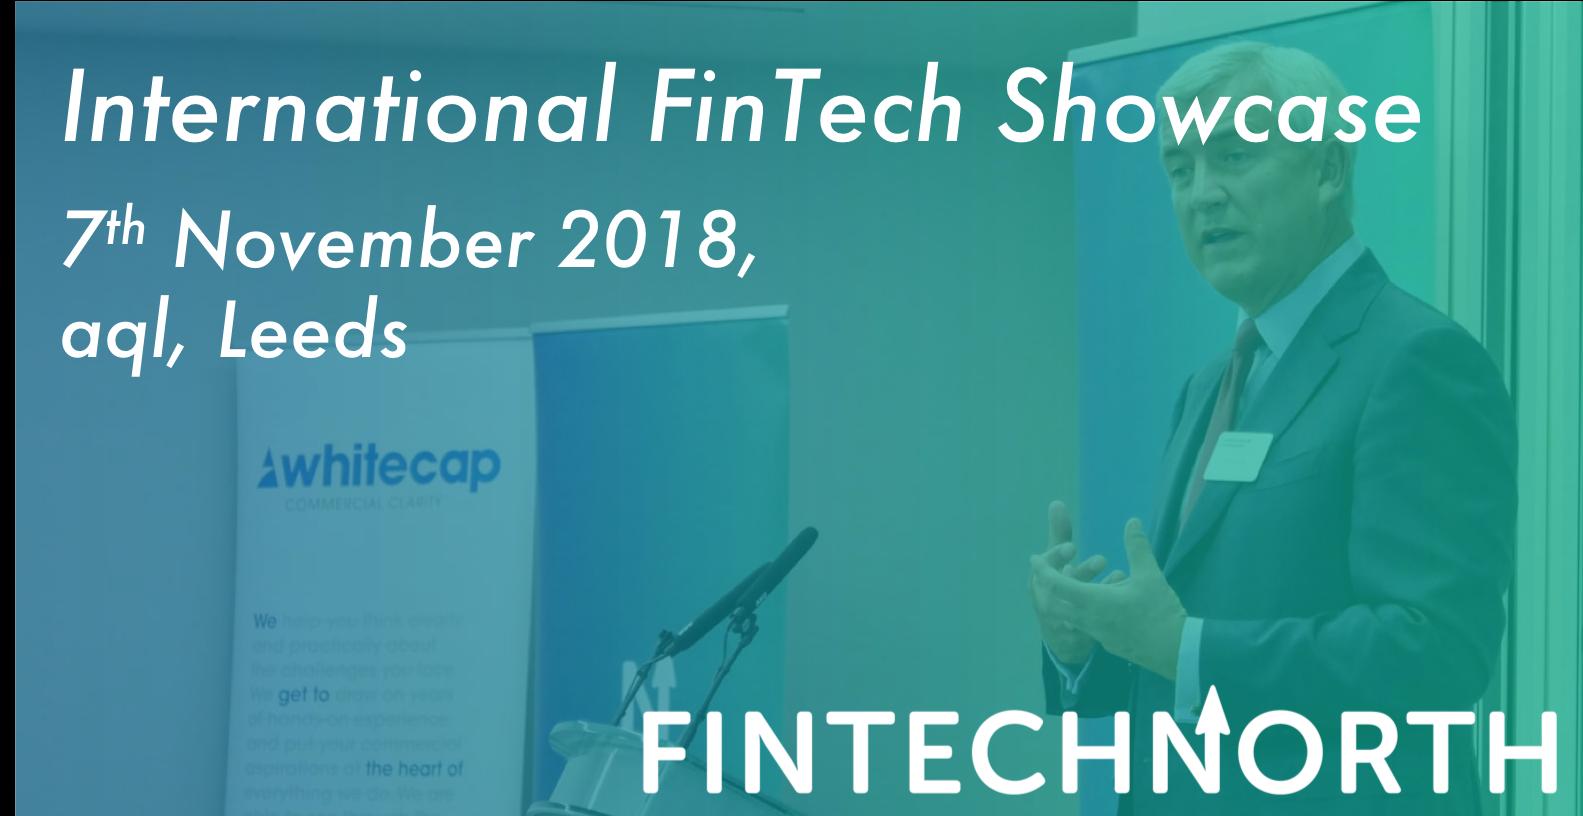 International FinTech Showcase Leeds: Agenda